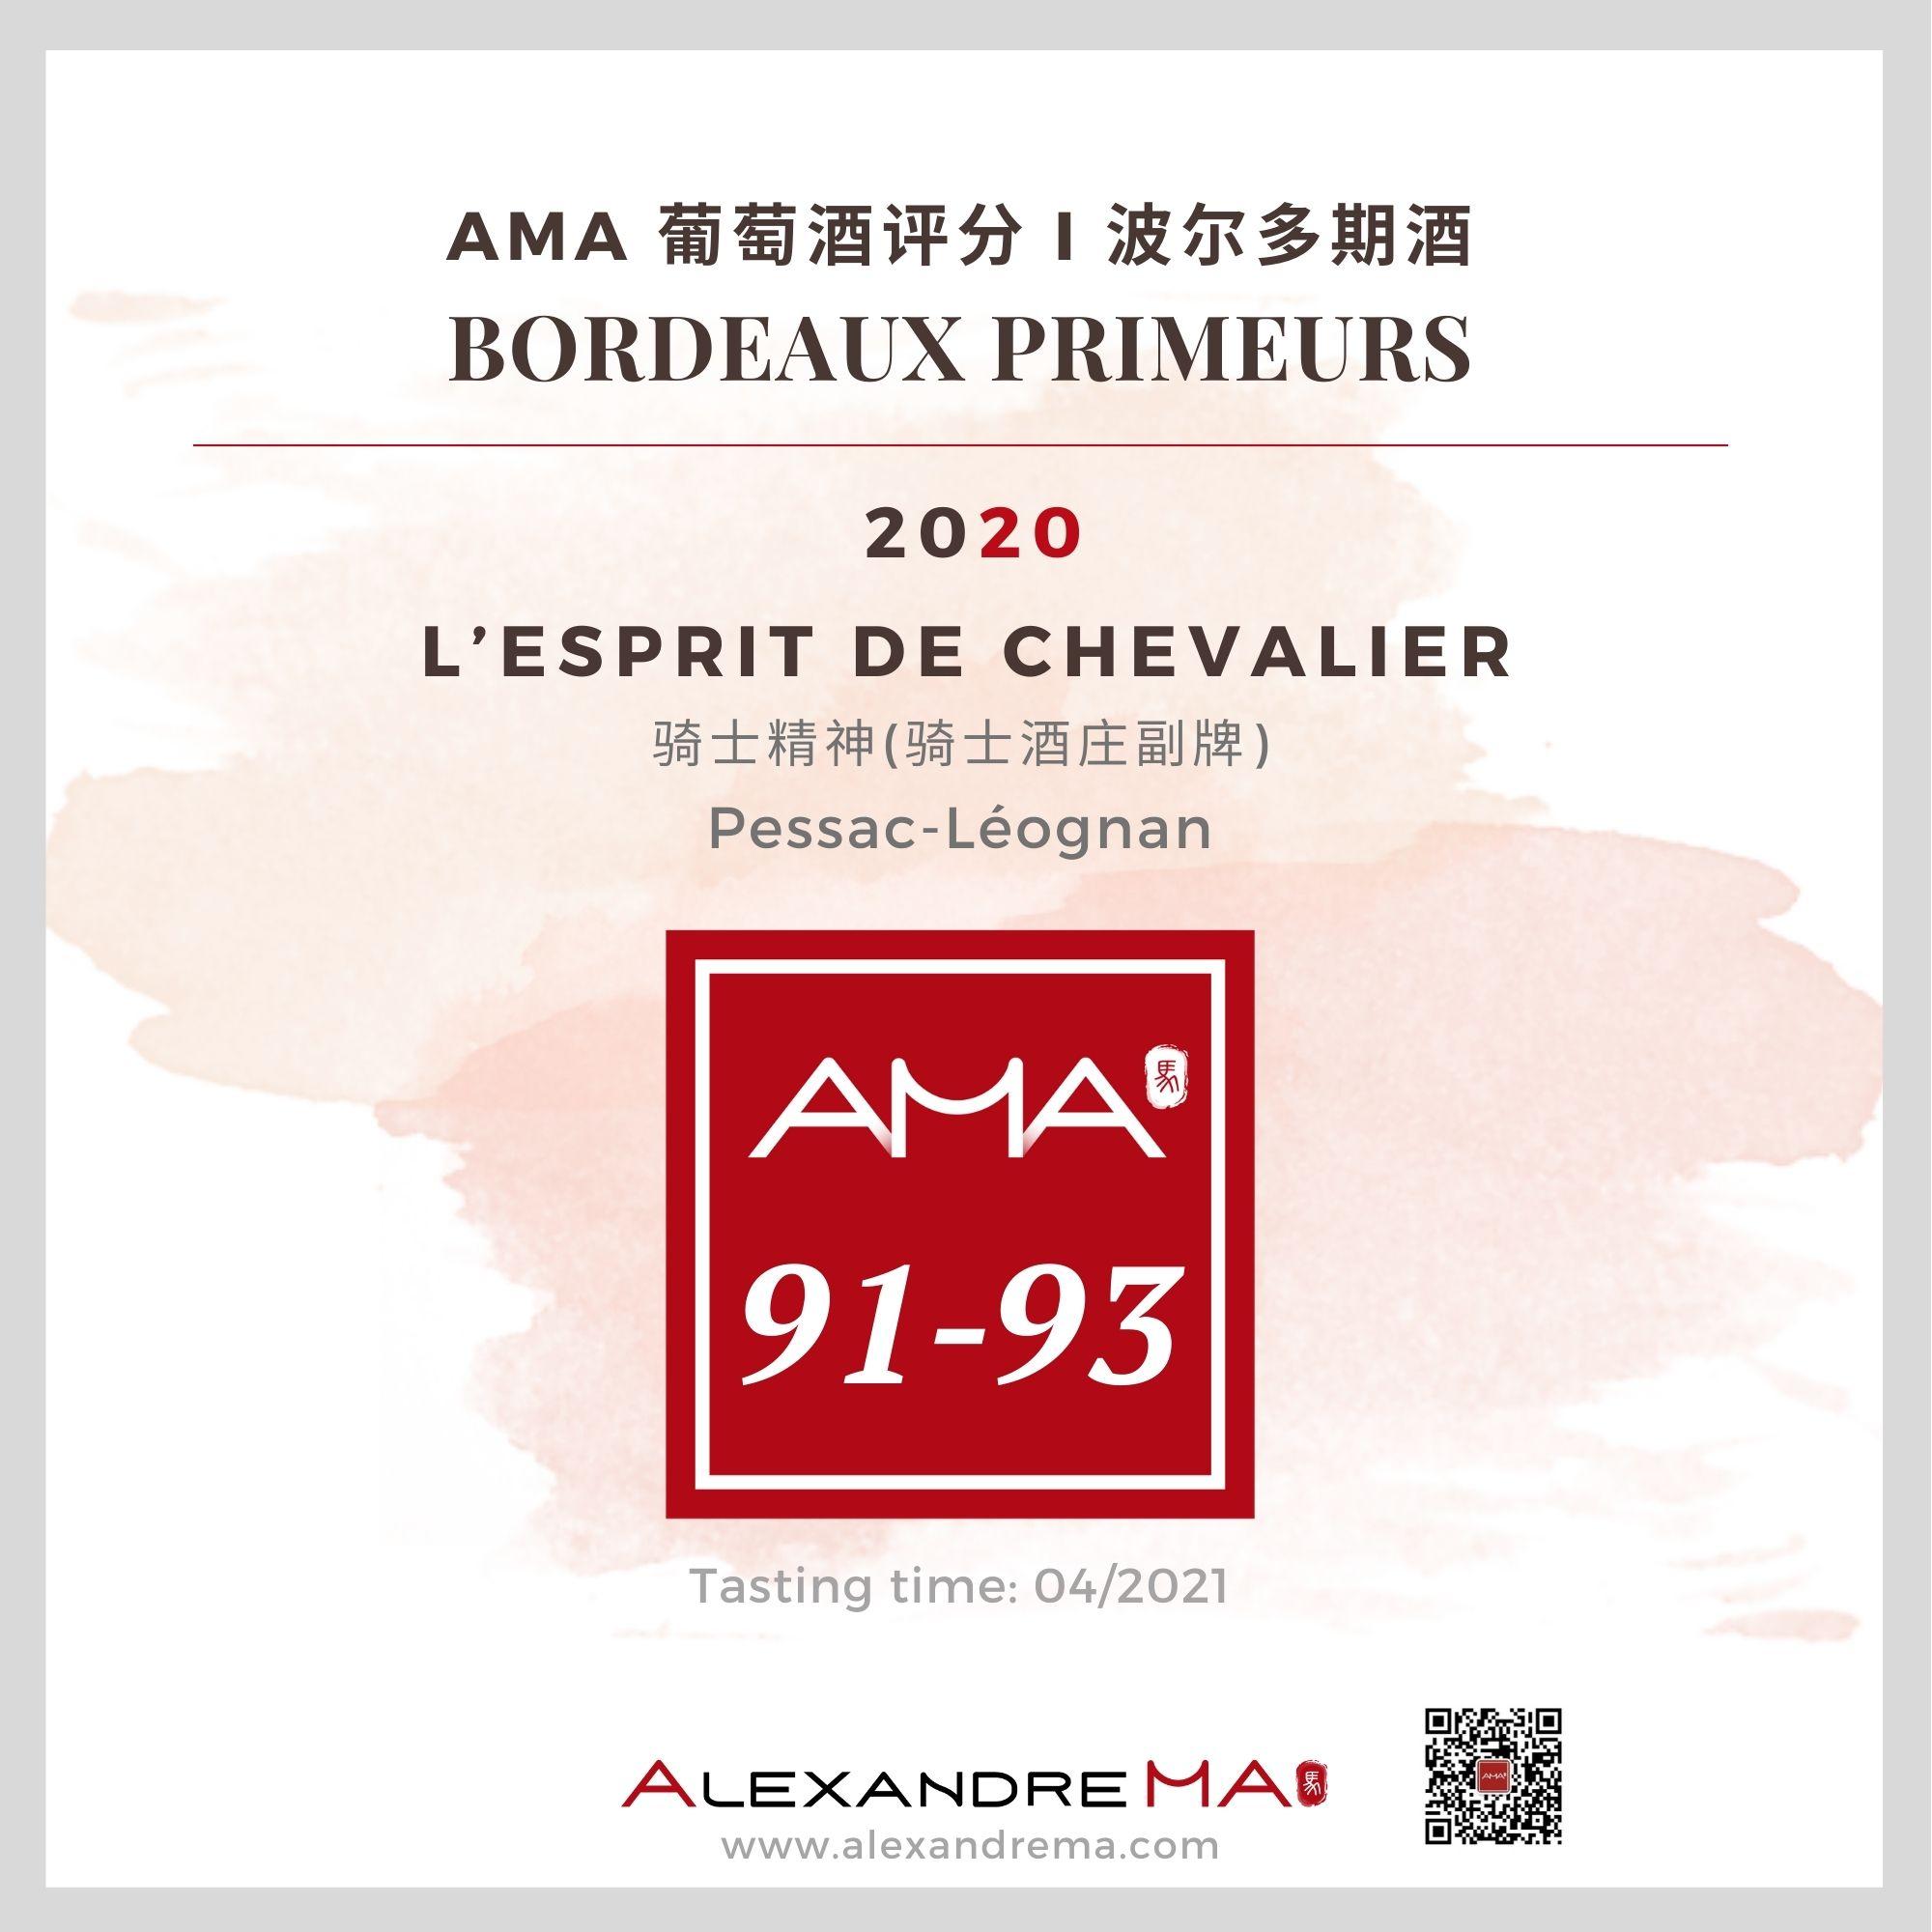 Domaine de Chevalier – L'Esprit de Chevalier 2020 骑士精神 - Alexandre Ma